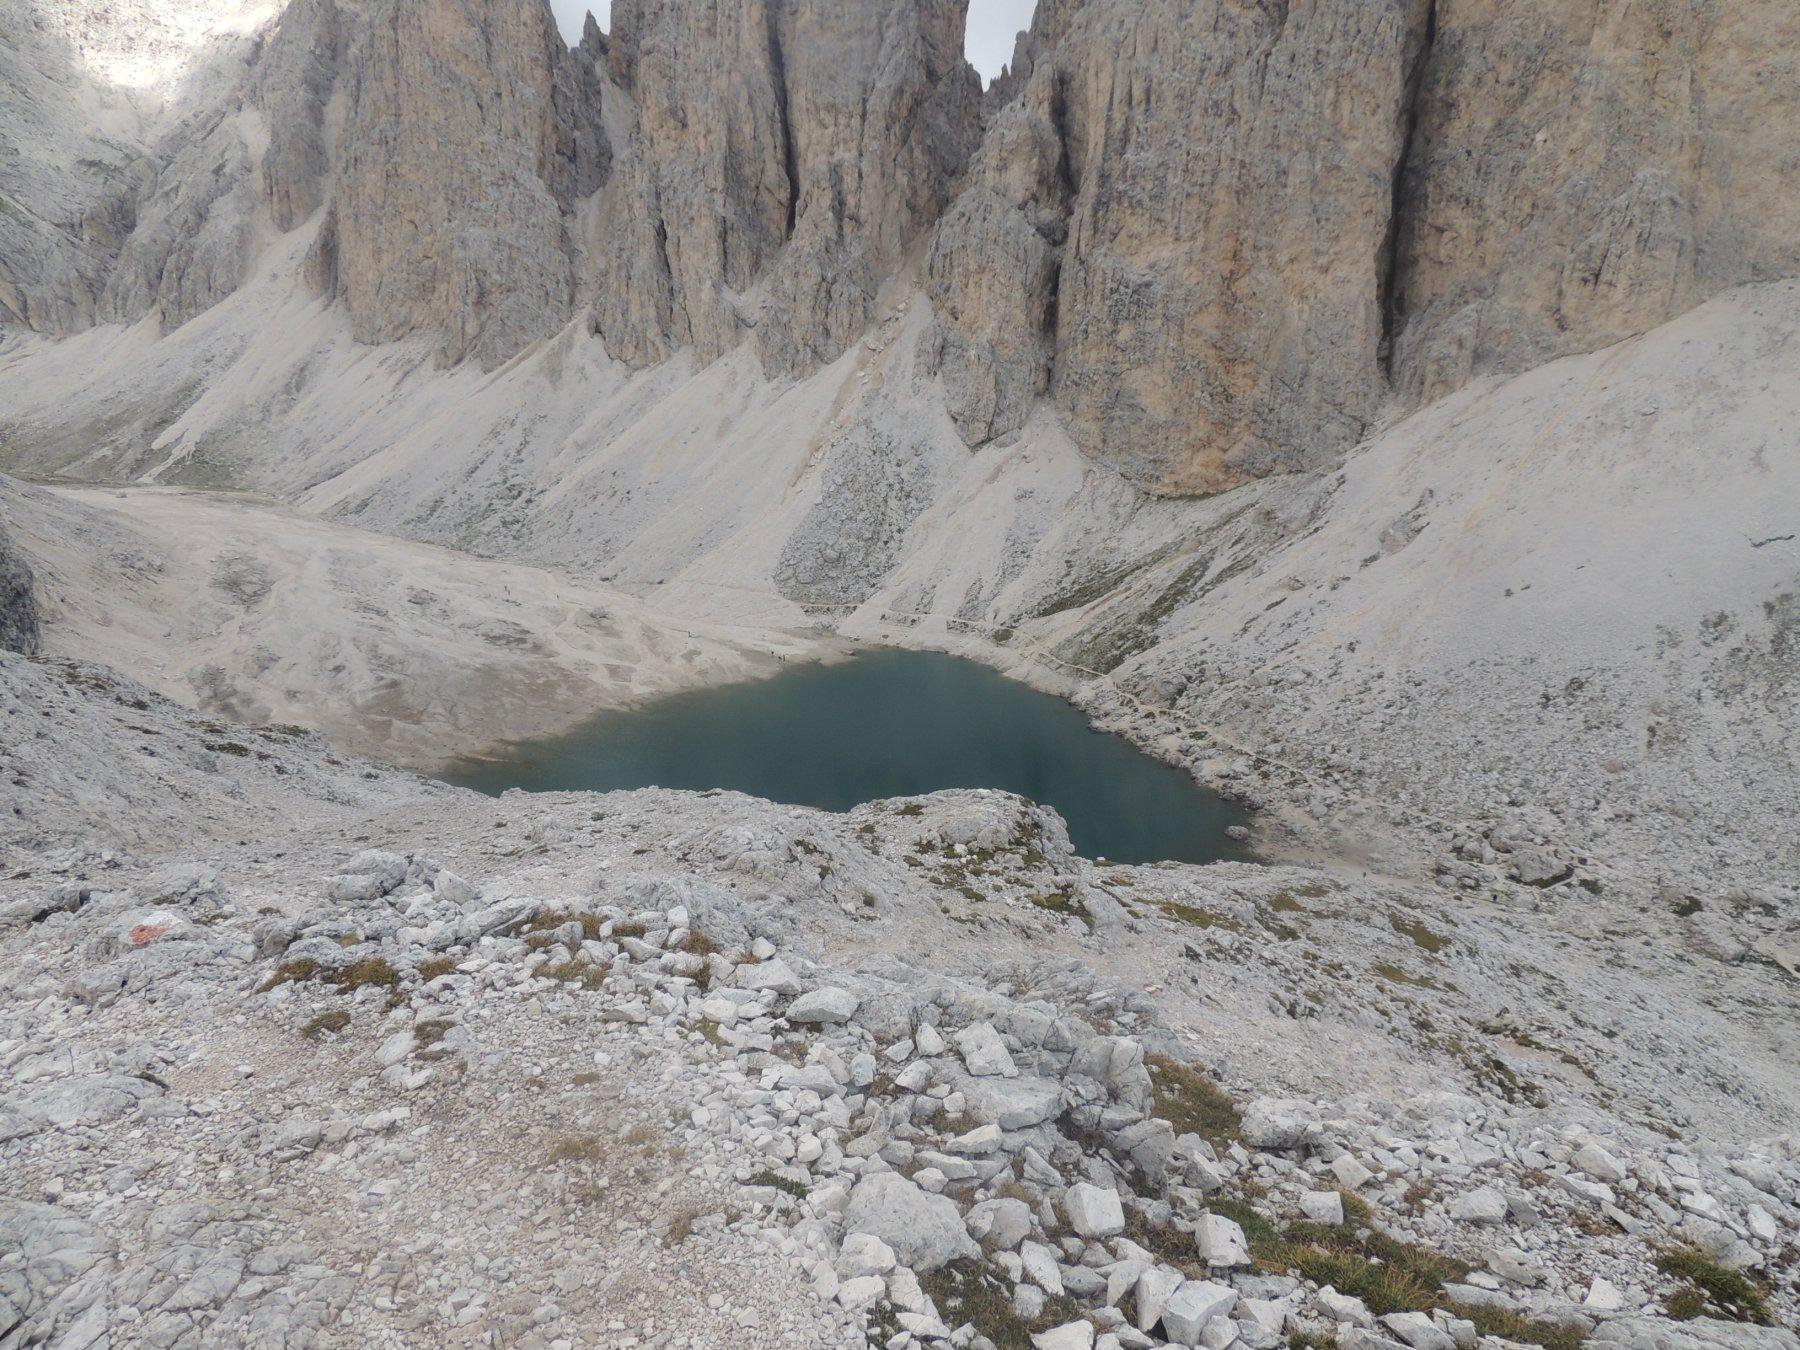 Scalette, Lausa, Dona (Passi) da Monzon per il sentiero delle Scalette 2015-08-26